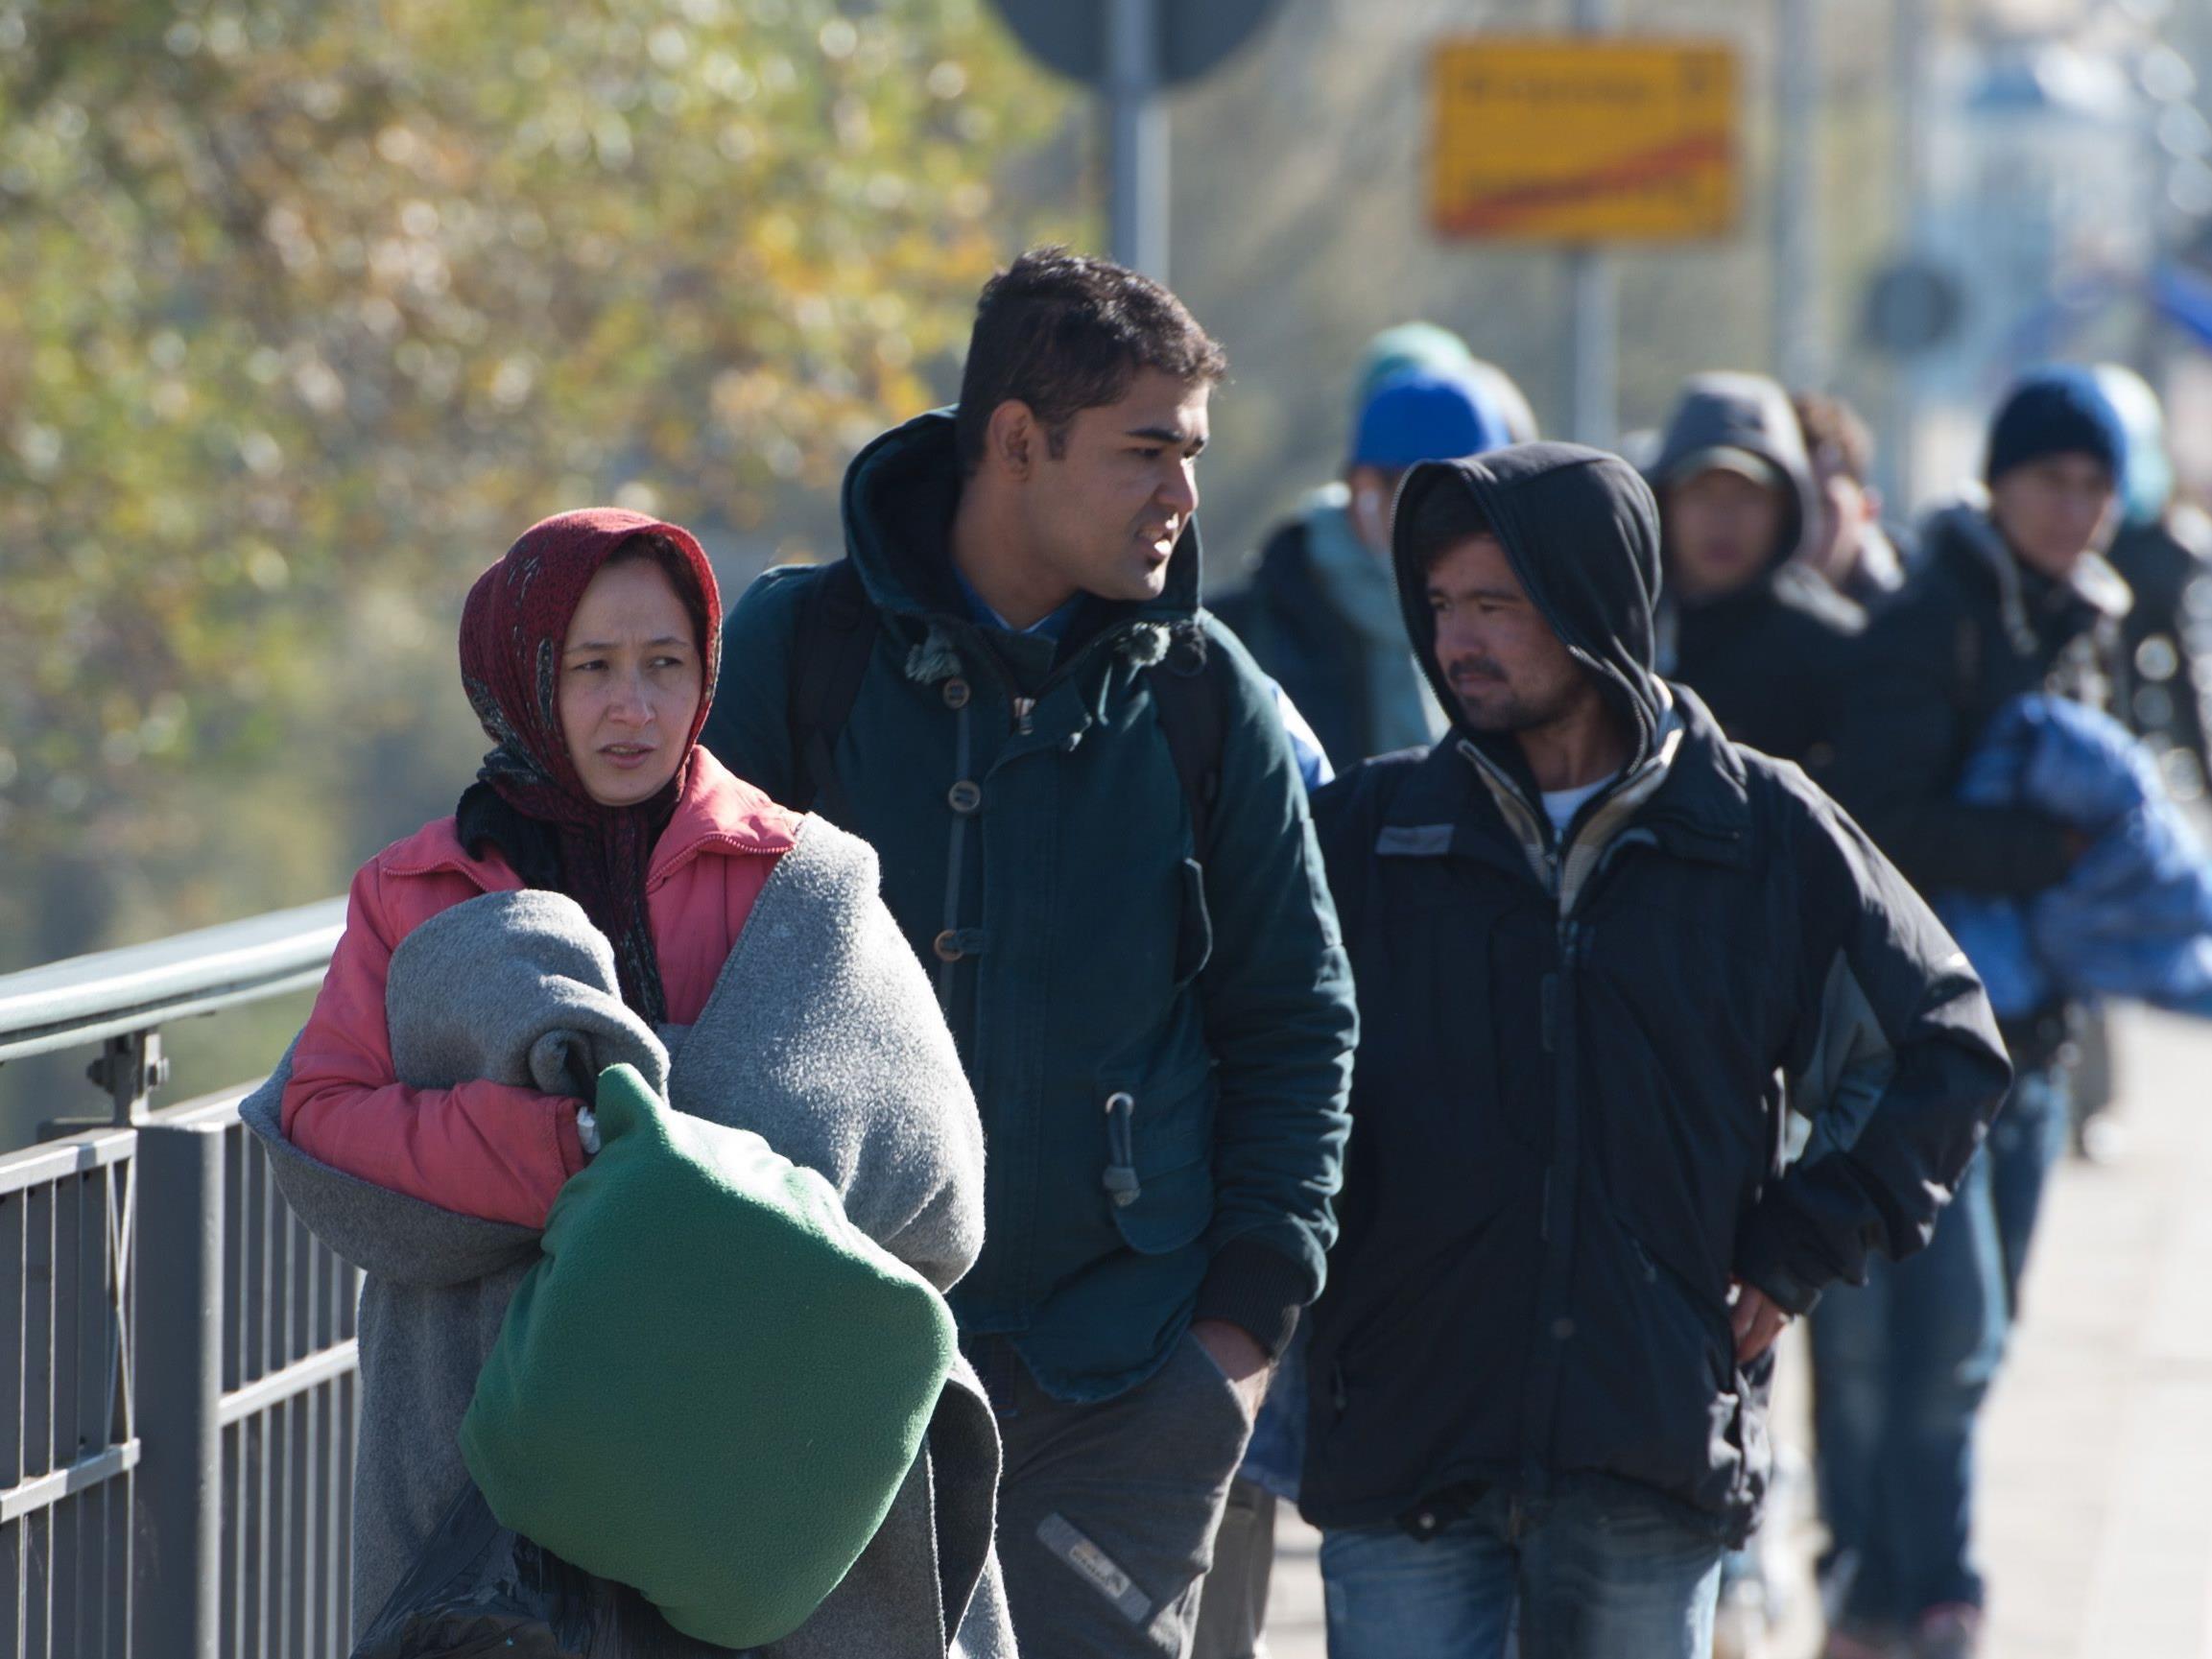 Rund die Hälfte der im Jahr 2015 nach Vorarlberg zugewanderten Personen kamen aus Drittstaaten.